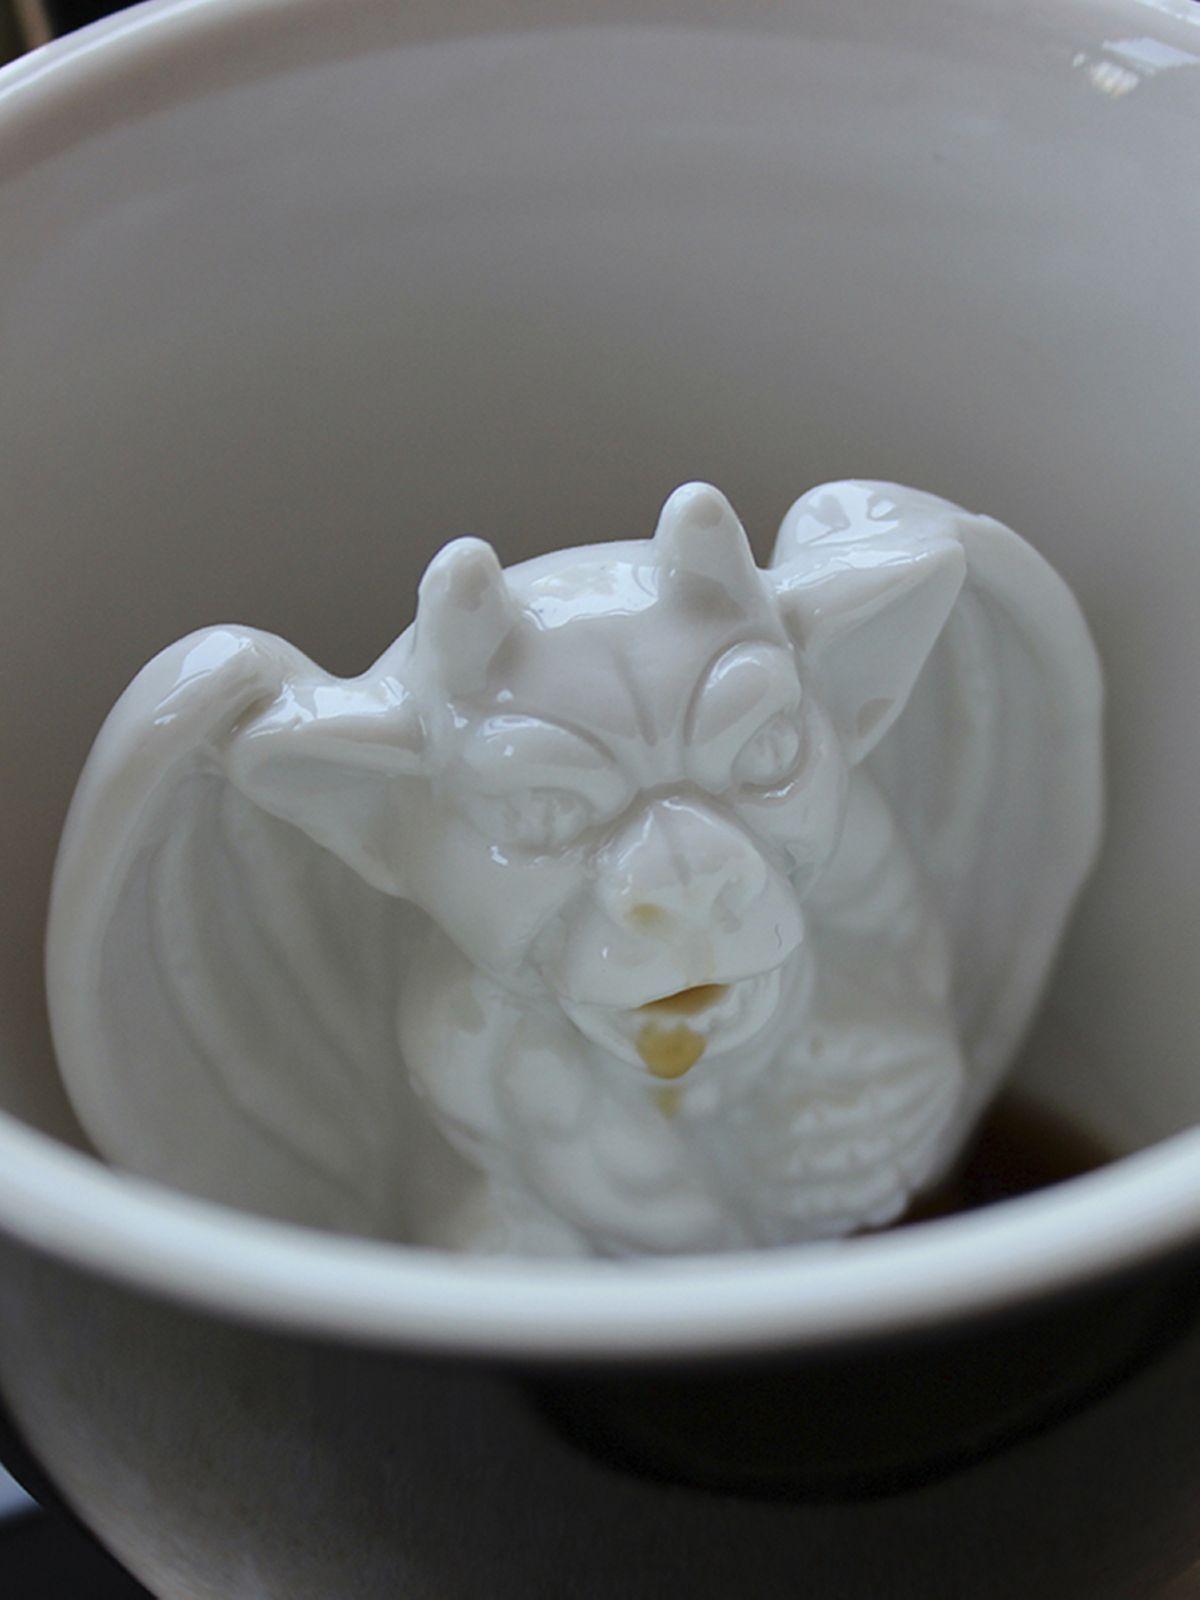 Пинкл (Pinkl) | Кружка с горгульей | Creature Cups Gargoyle